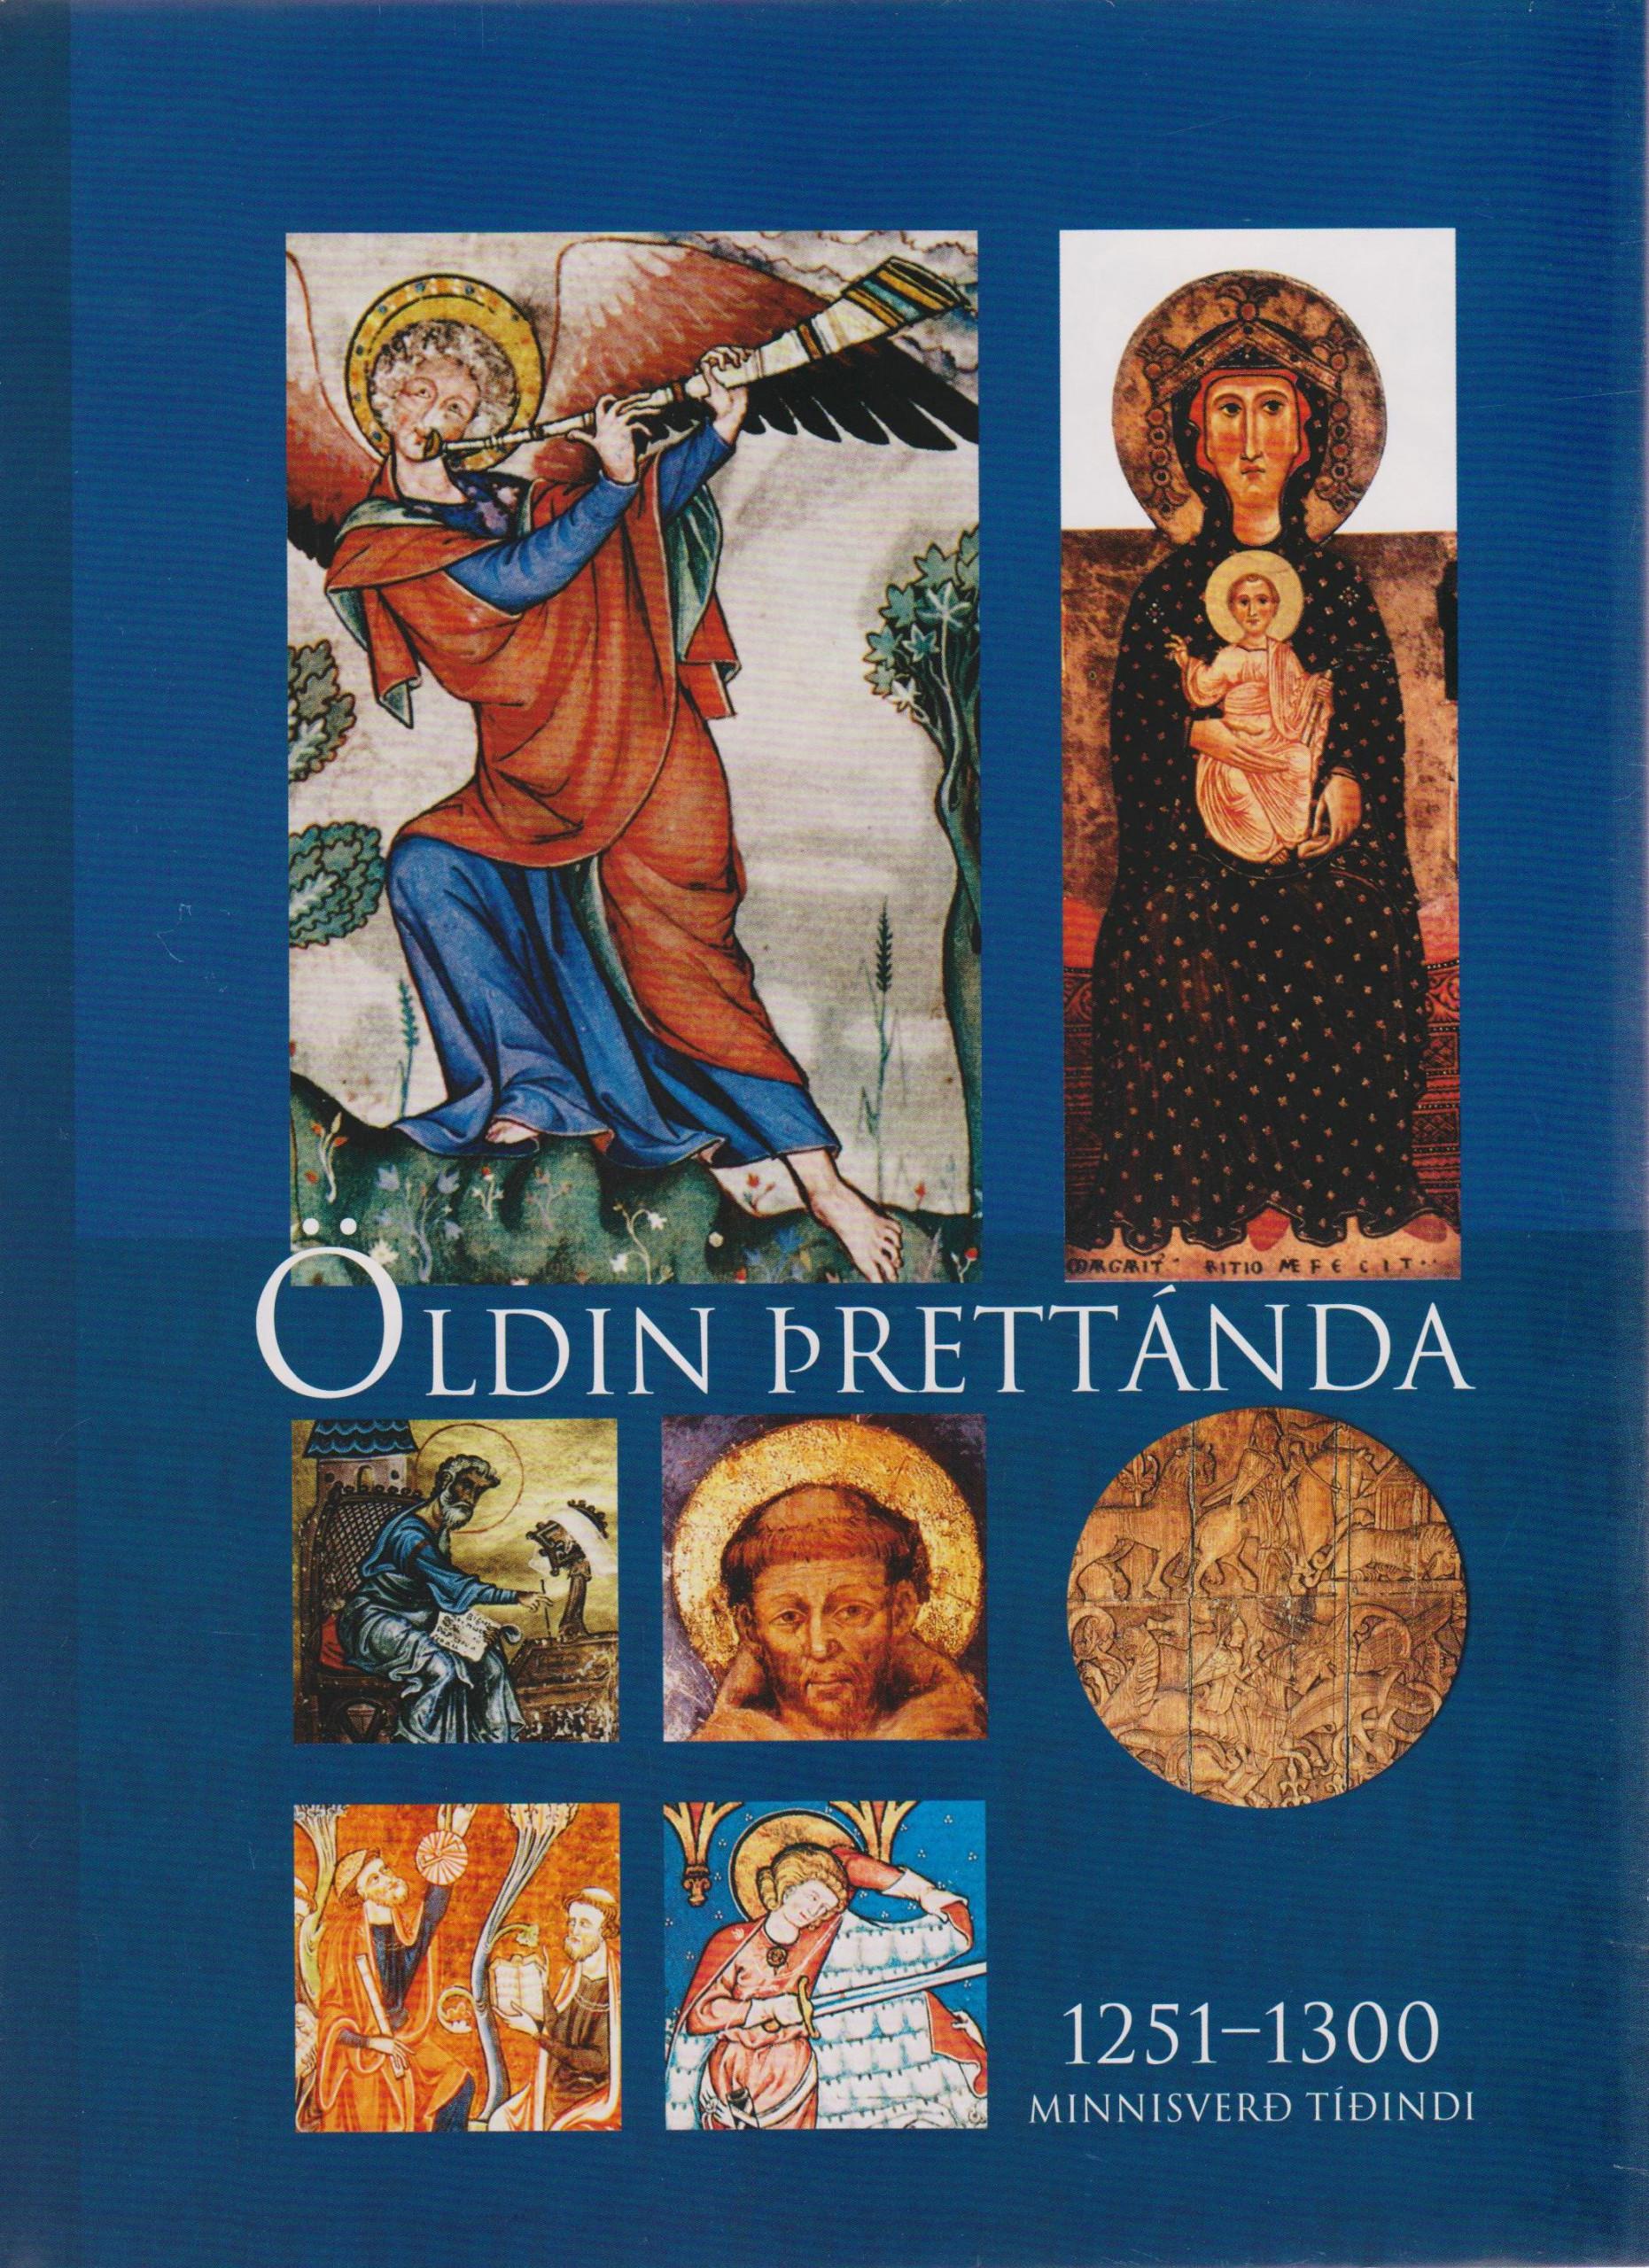 Öldin þrettánda 1251-1300